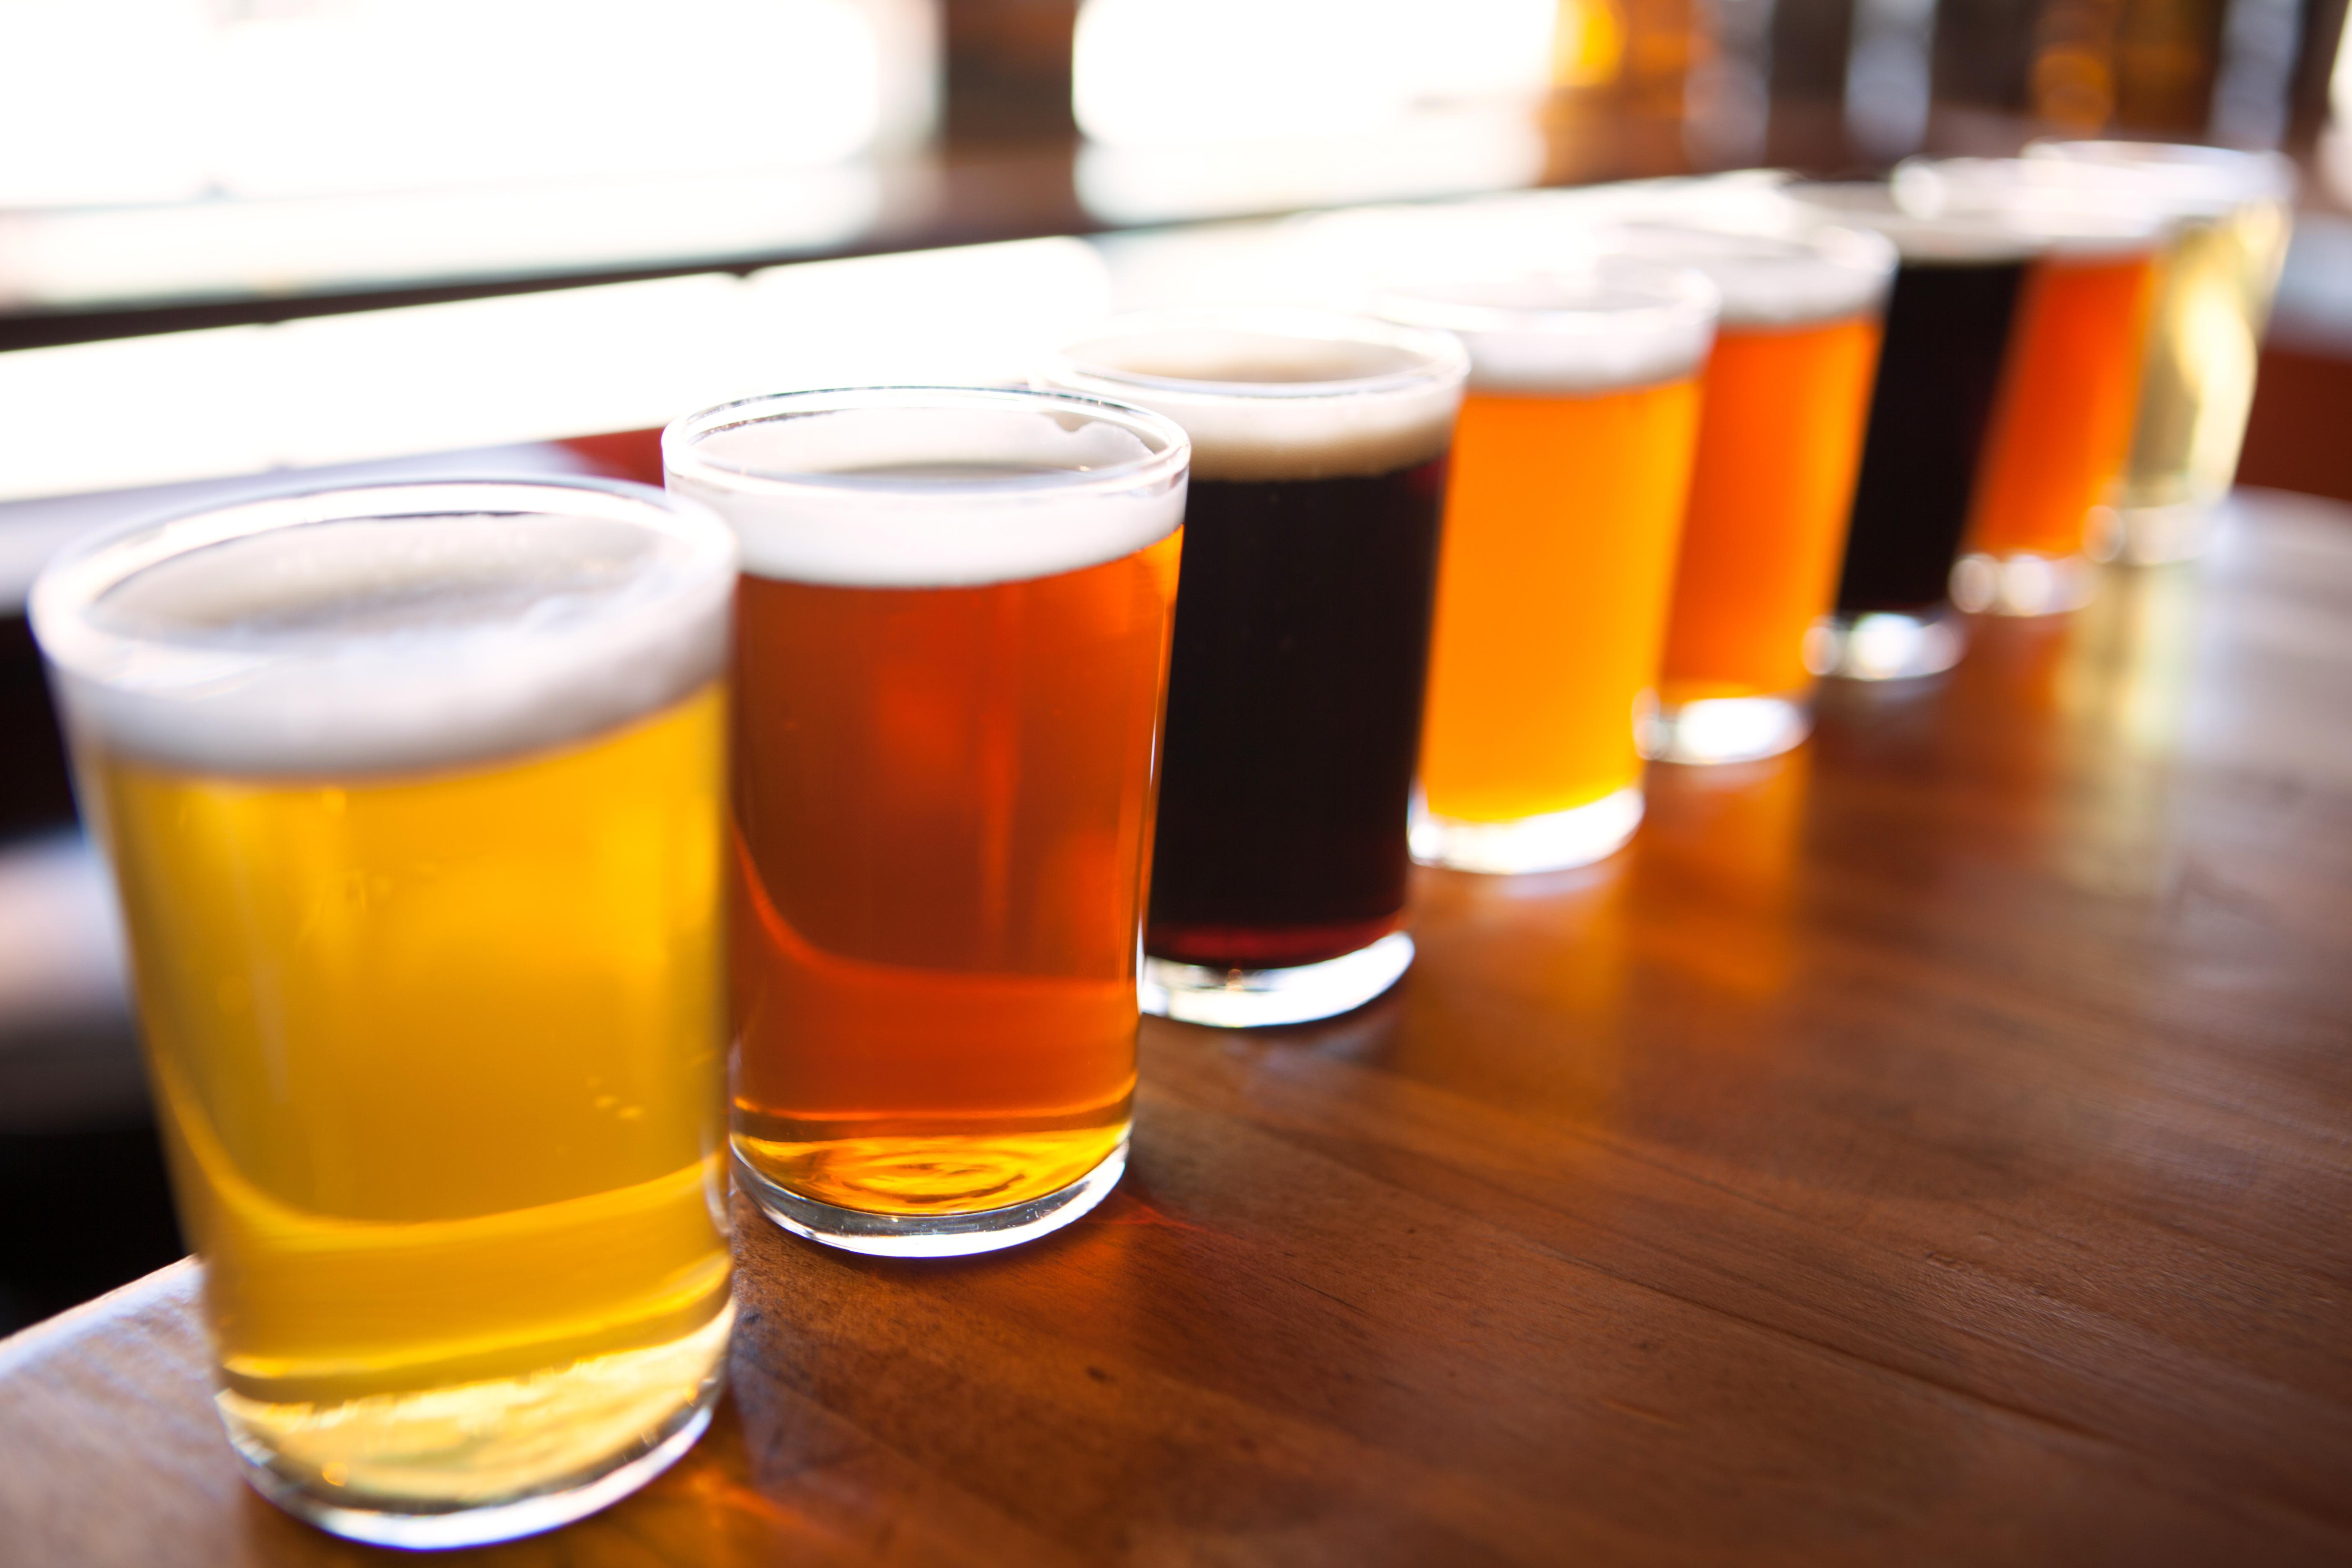 La cerveza, bebida nacional en Bélgica - Bélgica Circuito La Ruta de Carlomagno